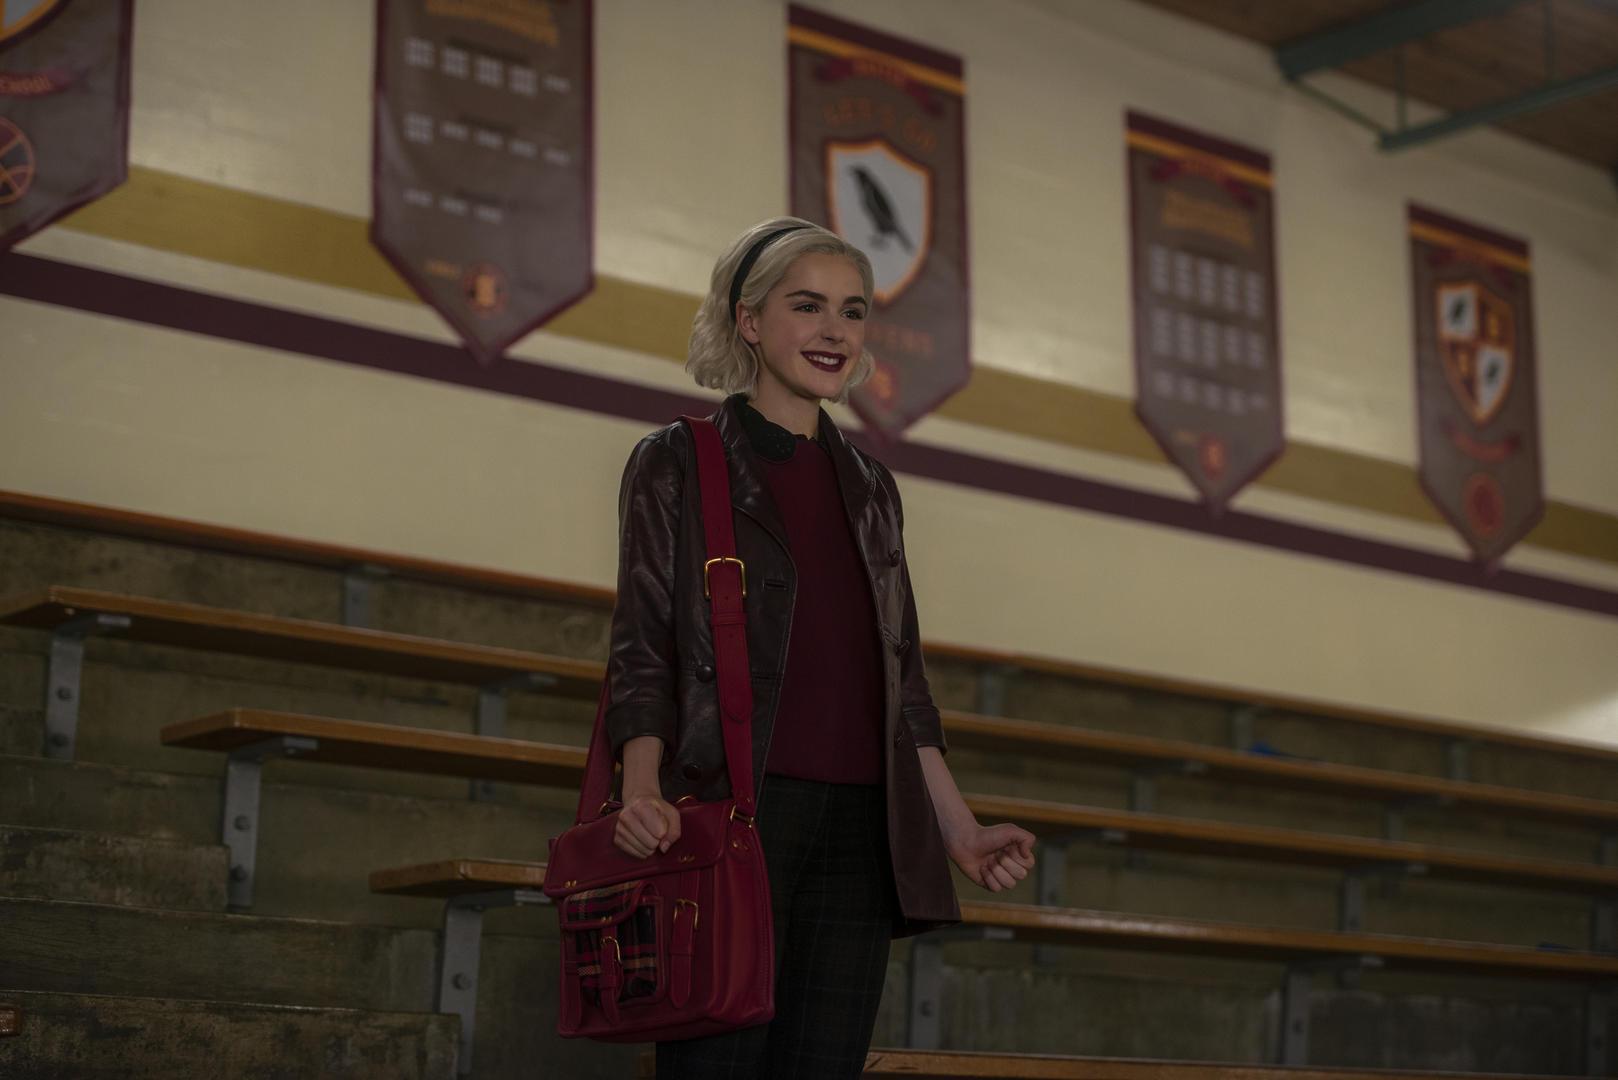 Fotos de La serie de Sabrina regresará en formato de comic